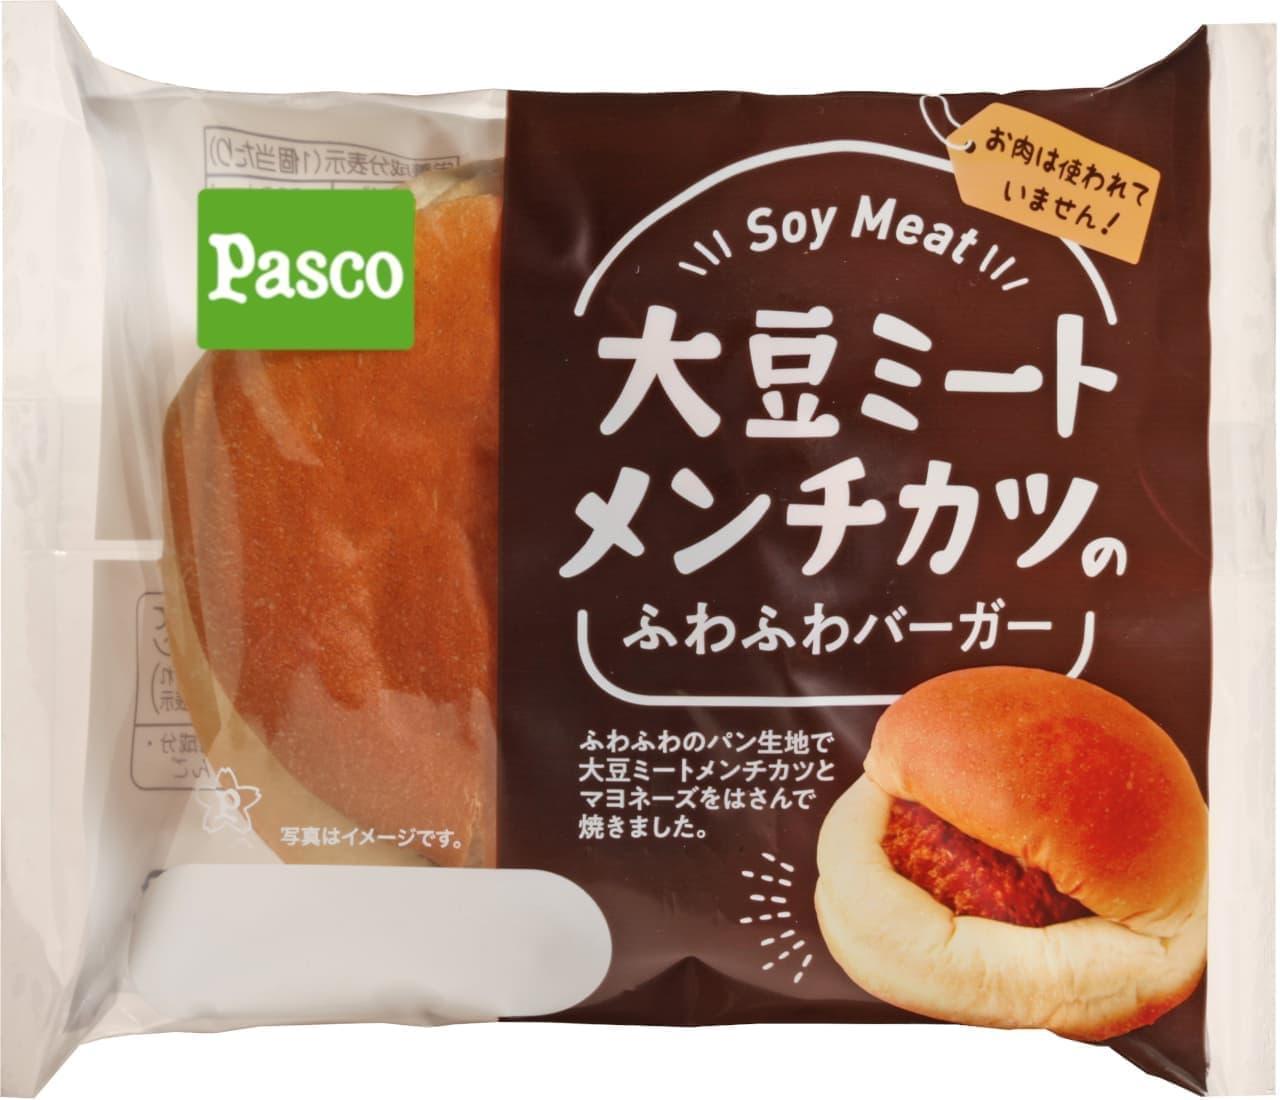 Pasco「大豆ミートメンチカツのふわふわバーガー」